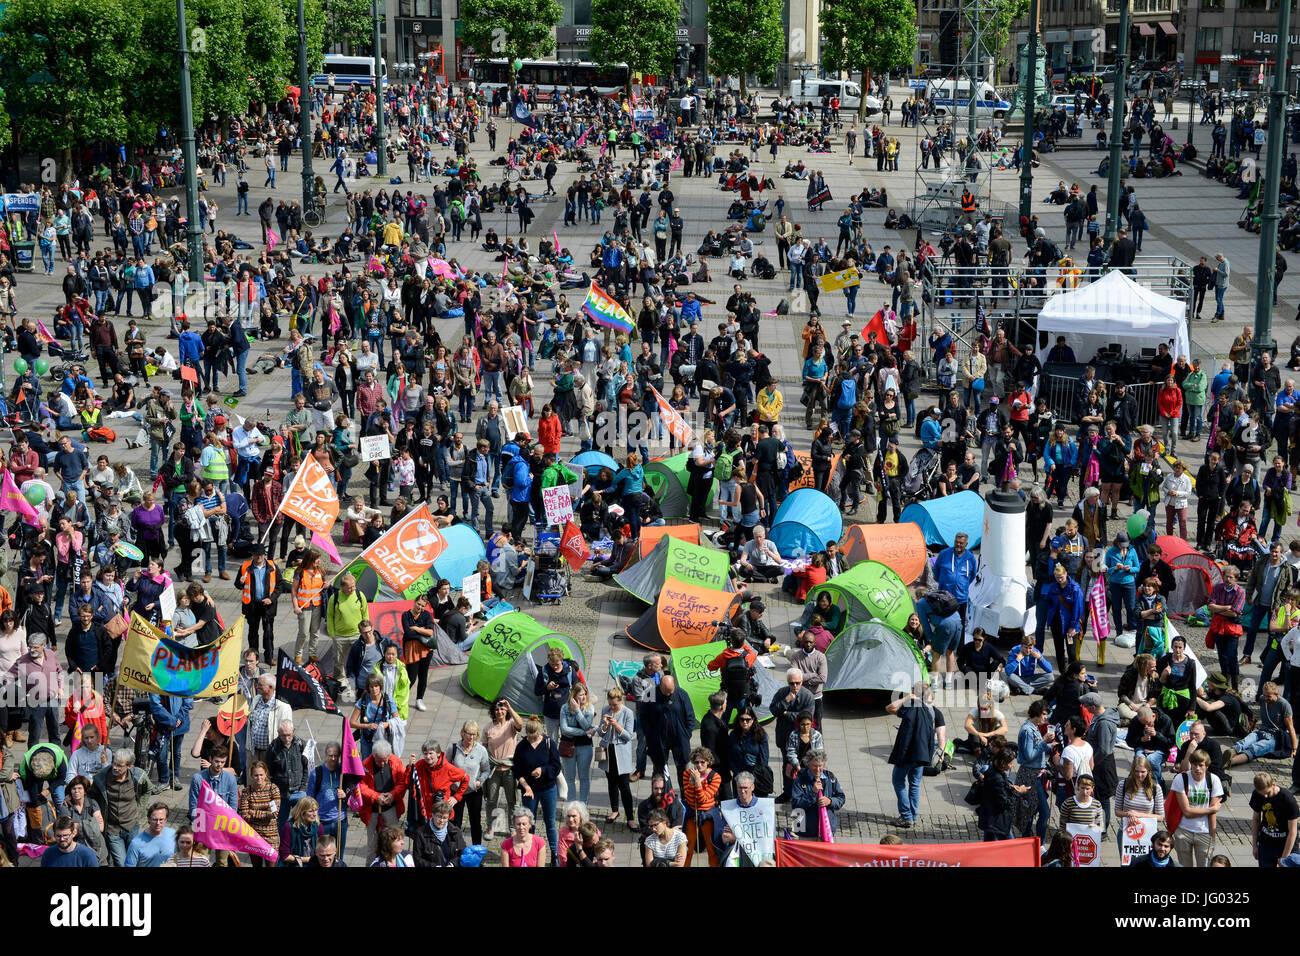 Hamburgo, Alemania. 02Nd Julio, 2017. reunión de protesta contra la cumbre del G-20 en julio de 2017 / Alemania, Imagen De Stock